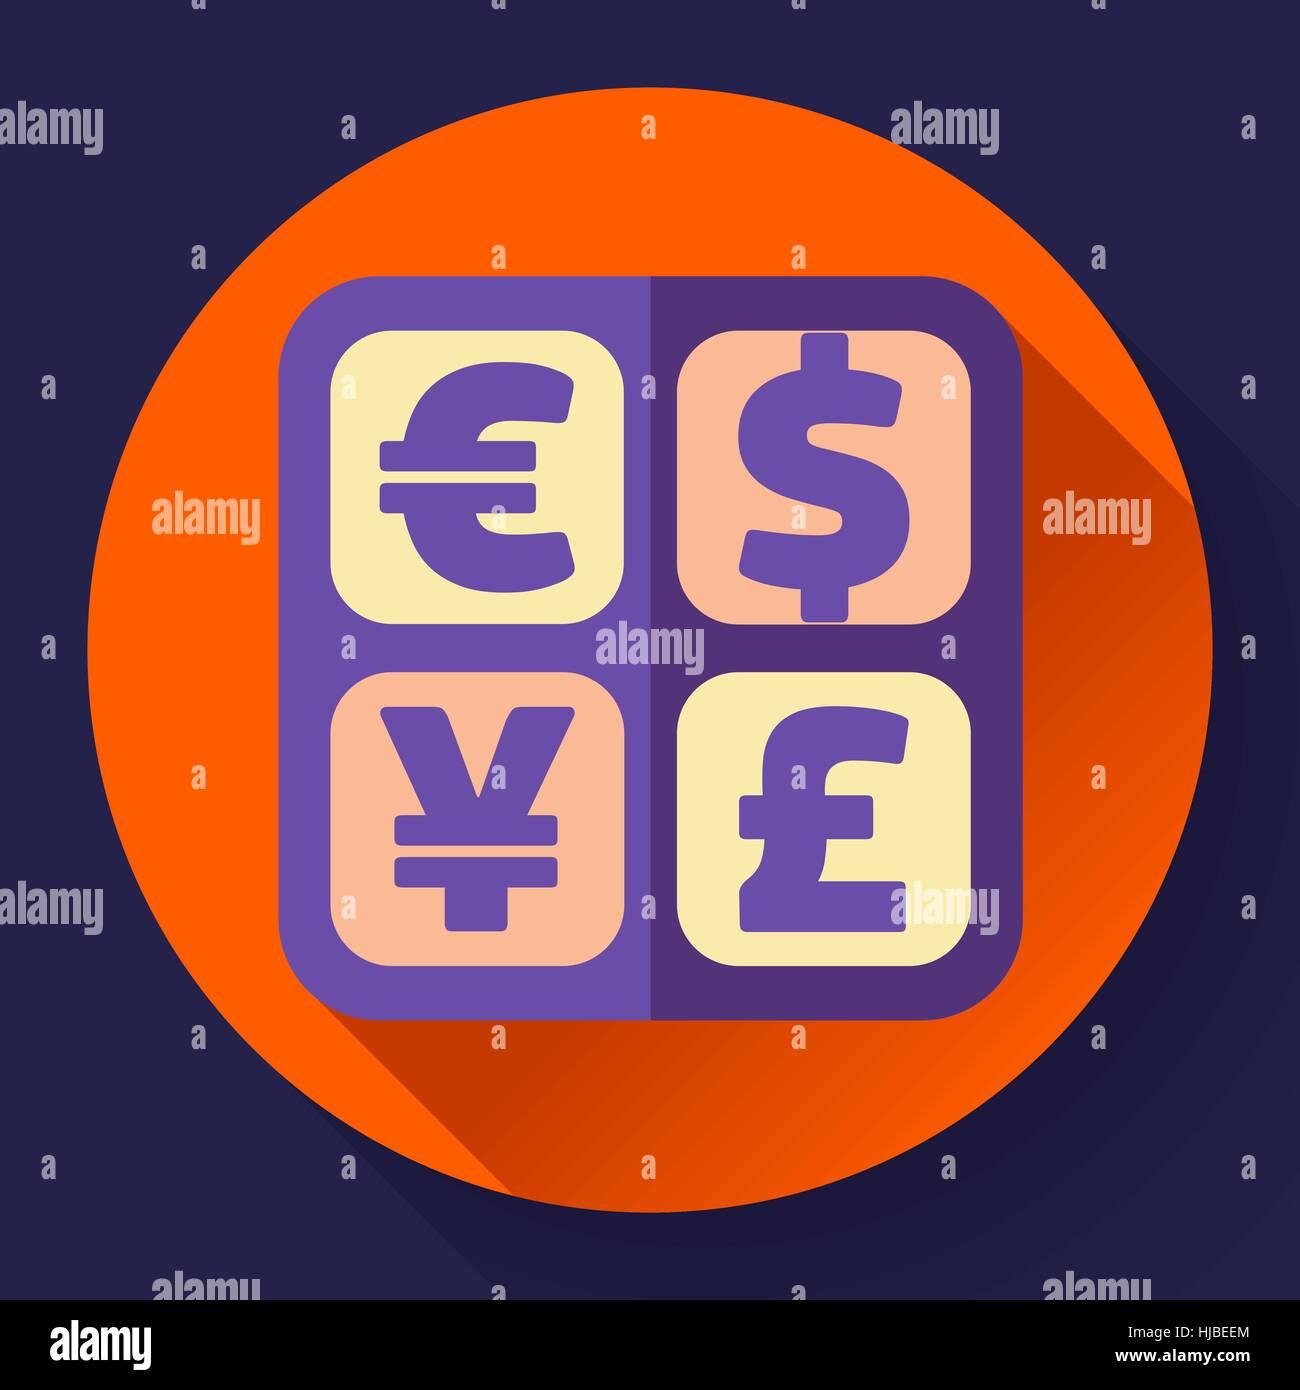 cambio de divisas icono de signo y smbolo del convertidor etiqueta de dinero